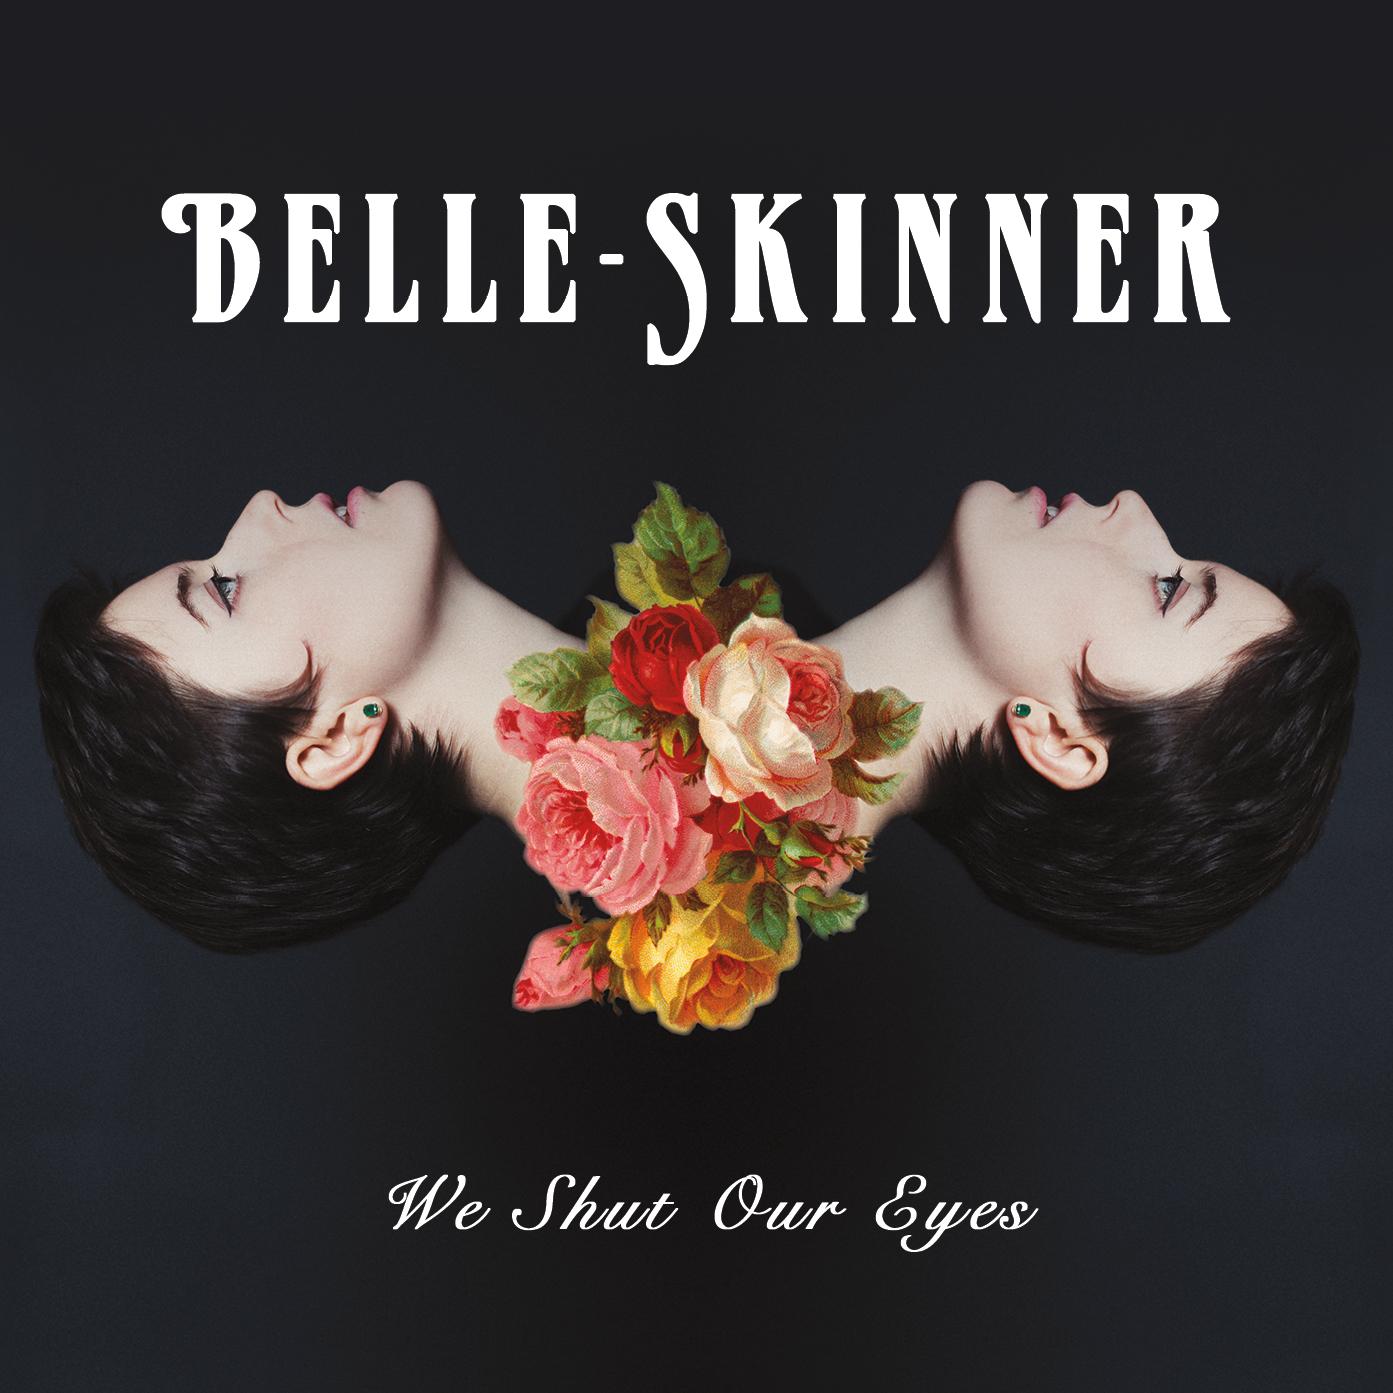 Belle-Skinner - We Shut Our Eyes